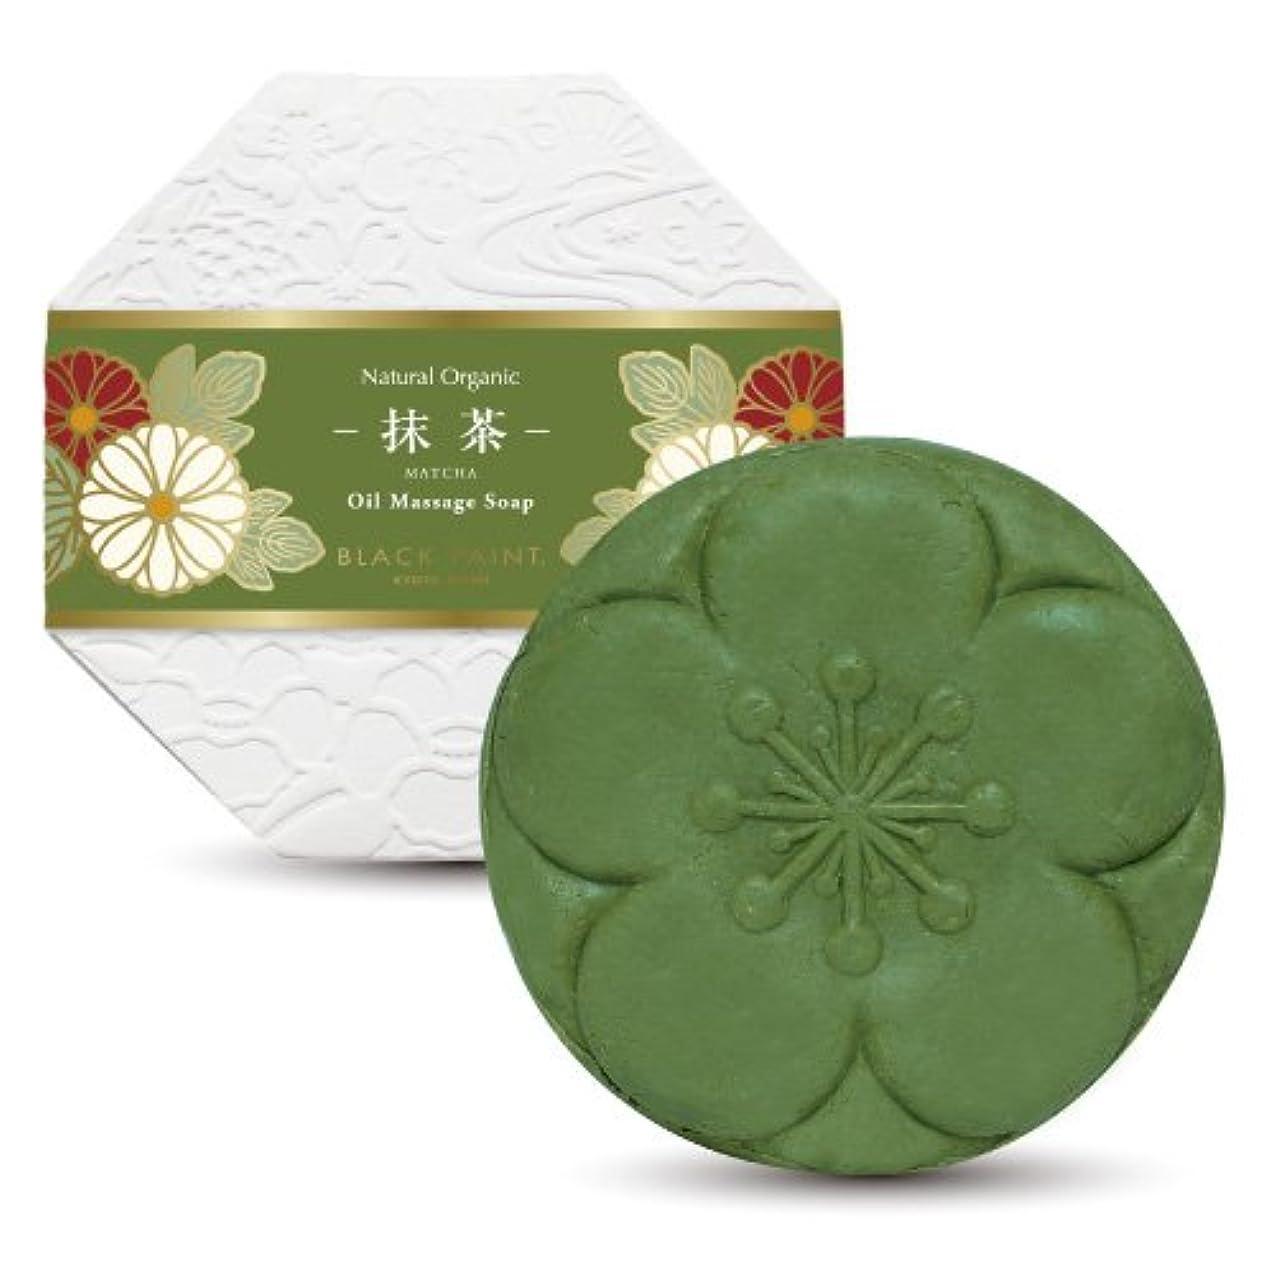 宣言しおれたセンチメンタル京のお茶石鹸 抹茶 120g 塗る石鹸